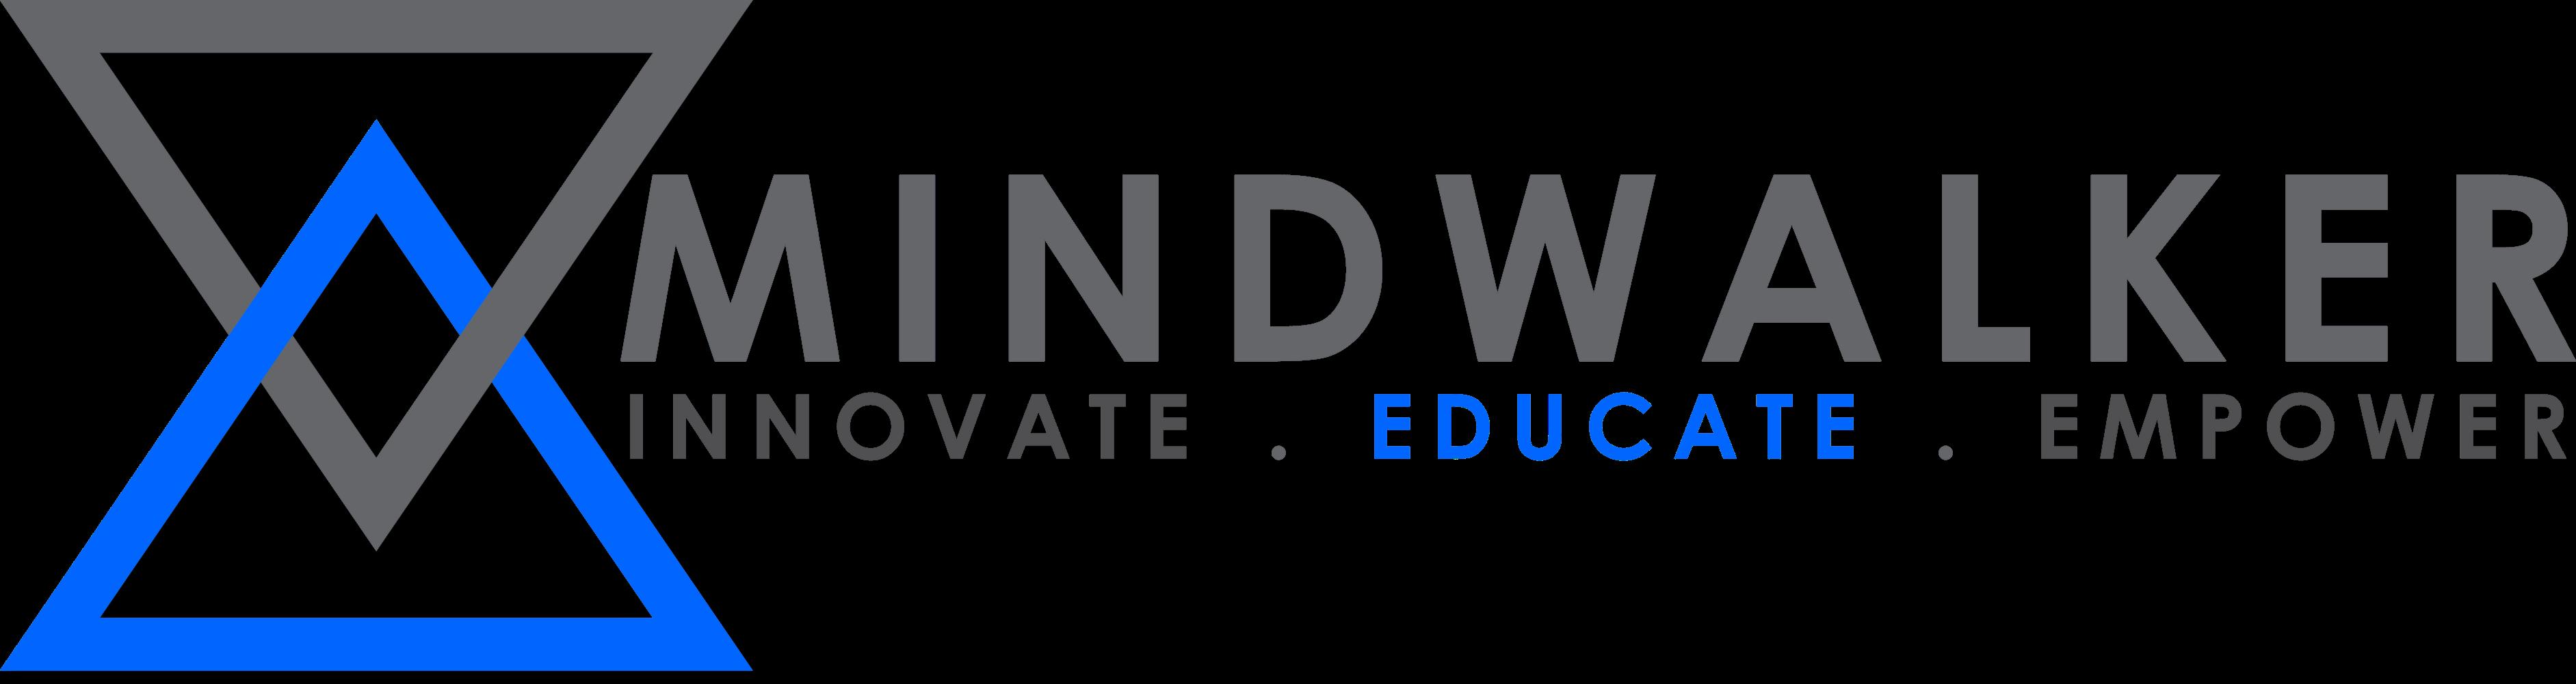 mindwalker logo small